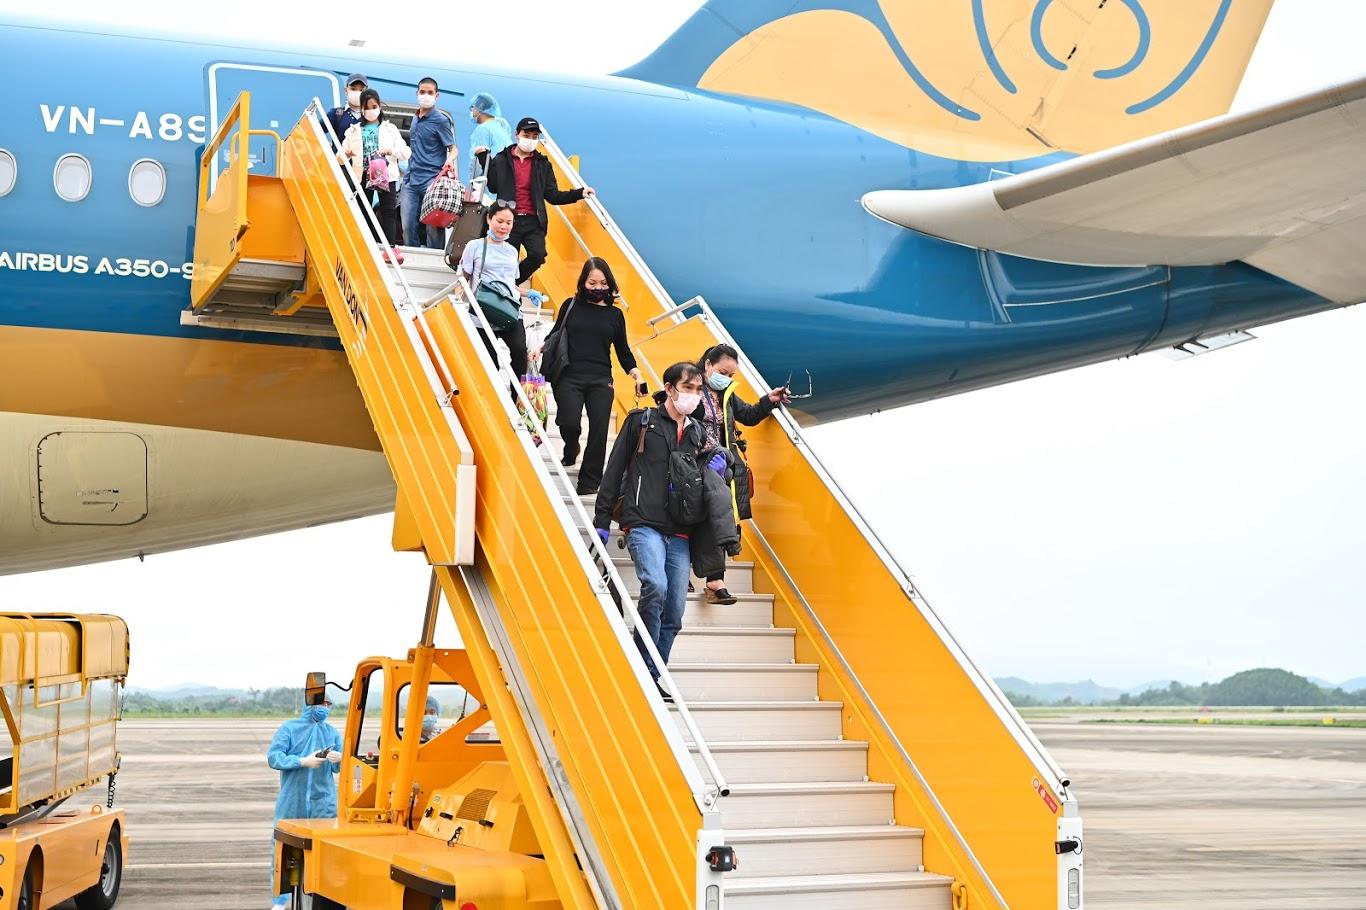 Đón chuyến bay từ vùng dịch: Sân bay Vân Đồn áp dụng quy trình mới  - ảnh 1